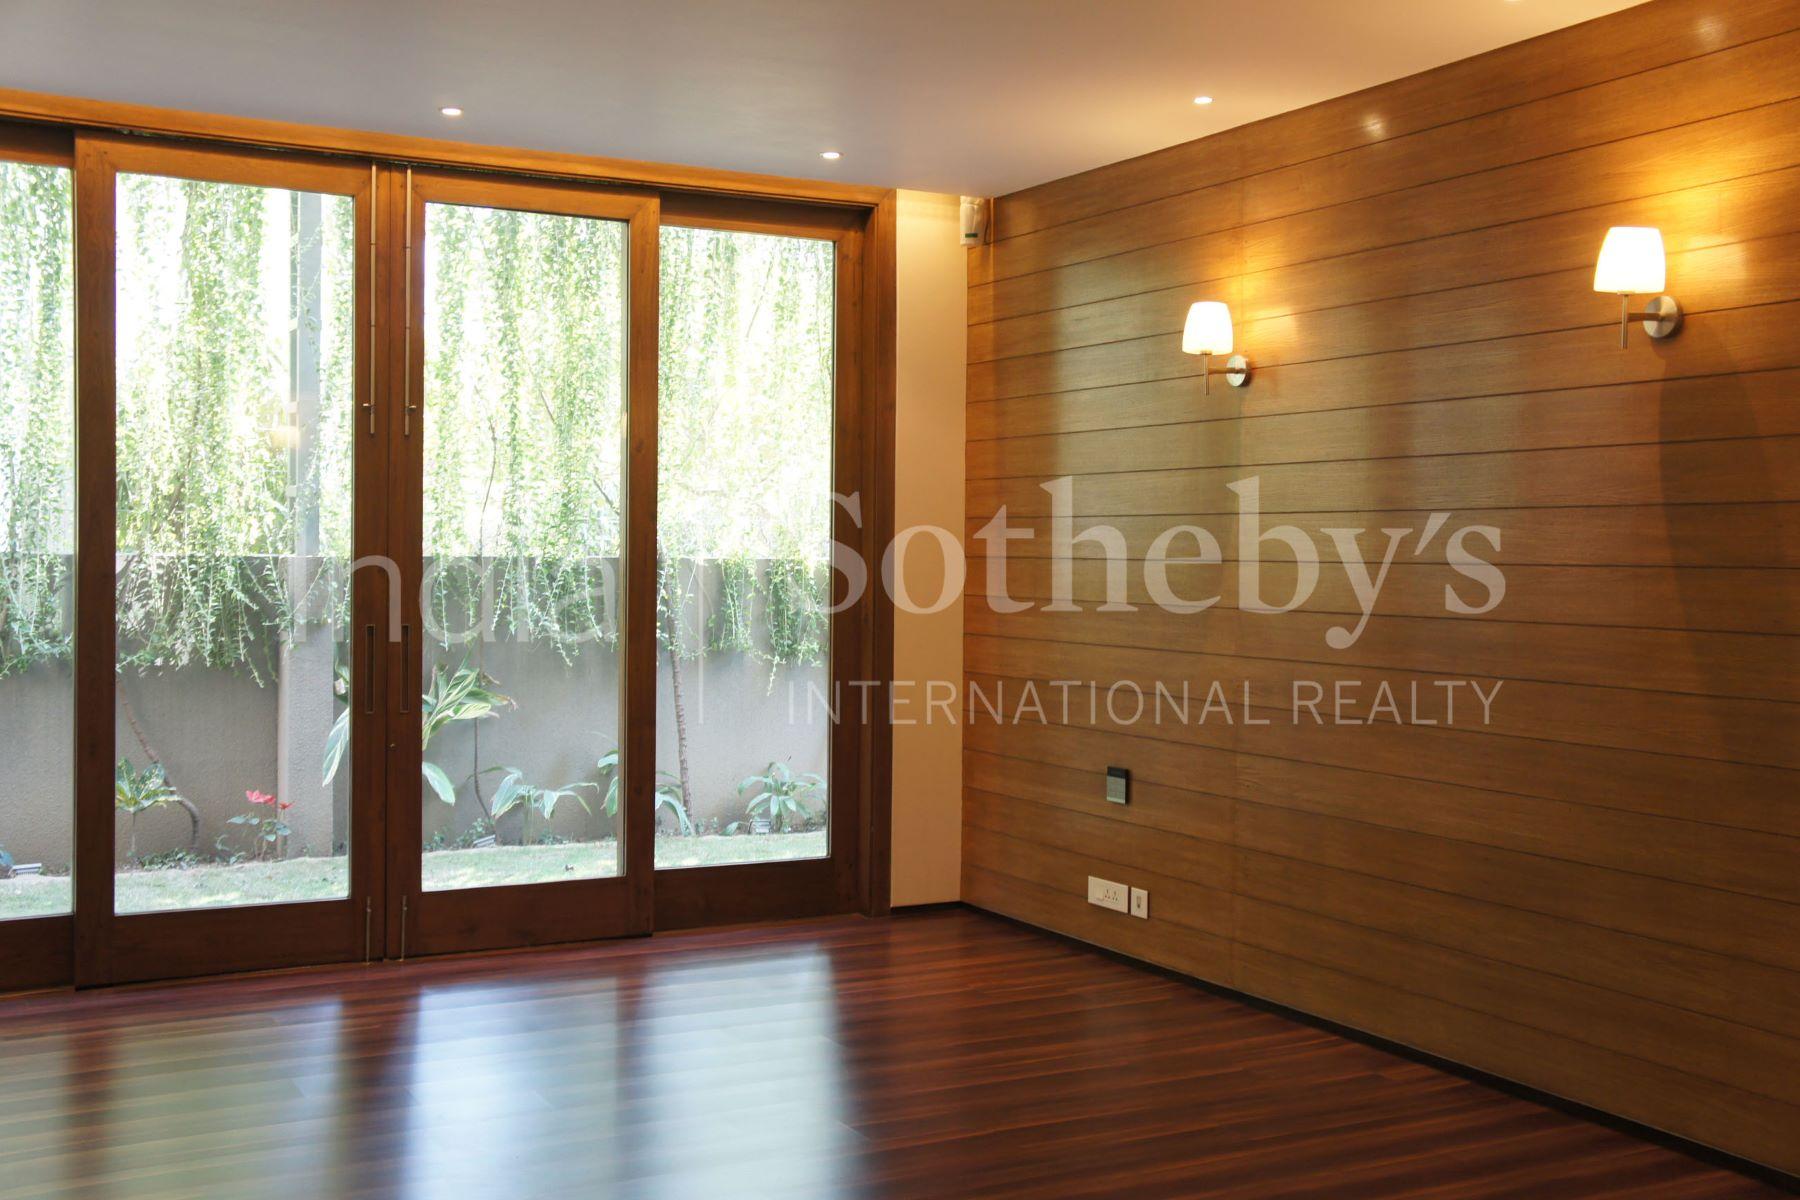 公寓 为 销售 在 Greater Kailash I-Grand Apartment Greater Kailash - I 新德里, 德里, 110048 印度